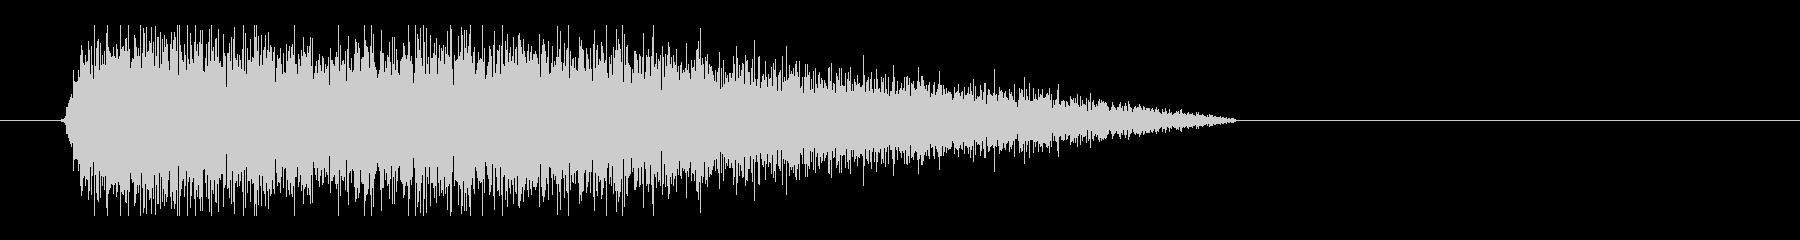 レーザー音-30-3の未再生の波形